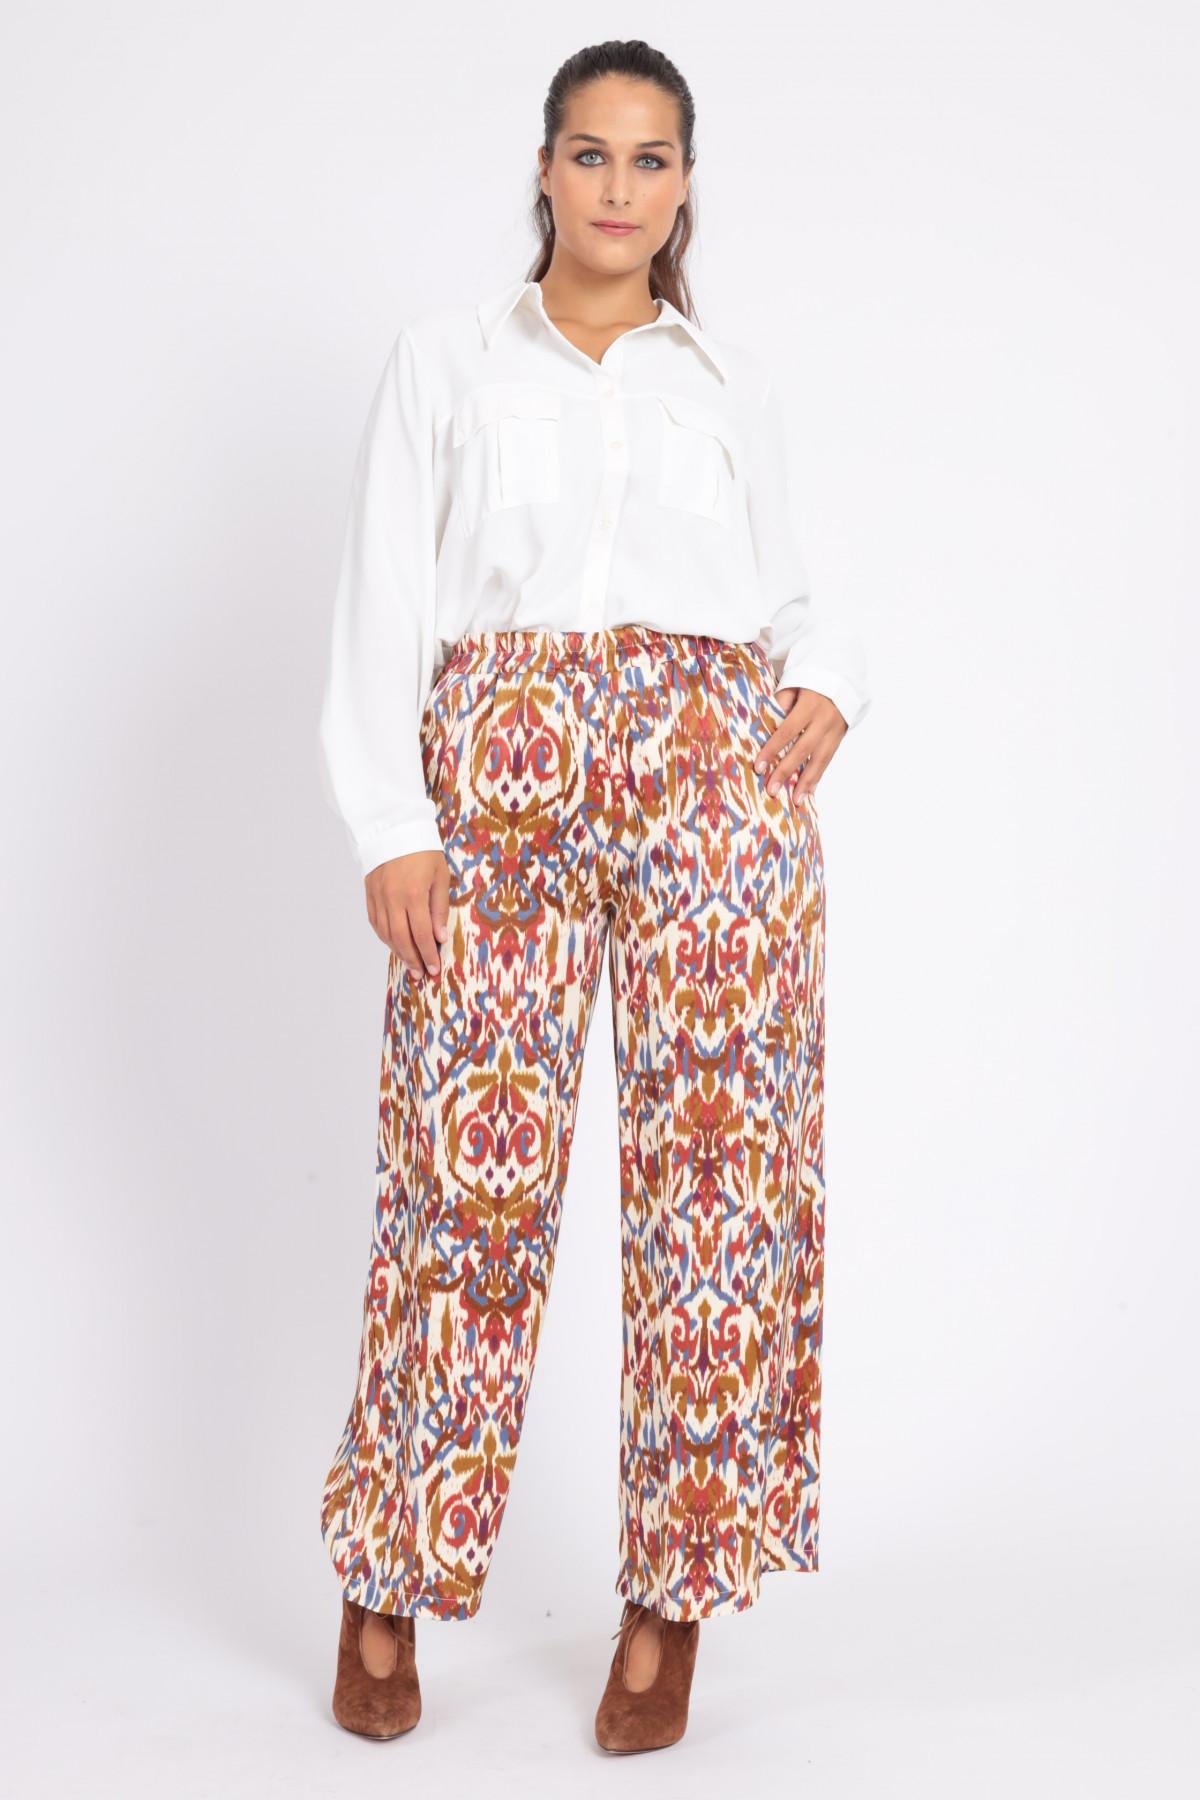 Pantaloni a Palazzo con Vita Elasticizzata in Stampa Fantasia Roschach Multicolor